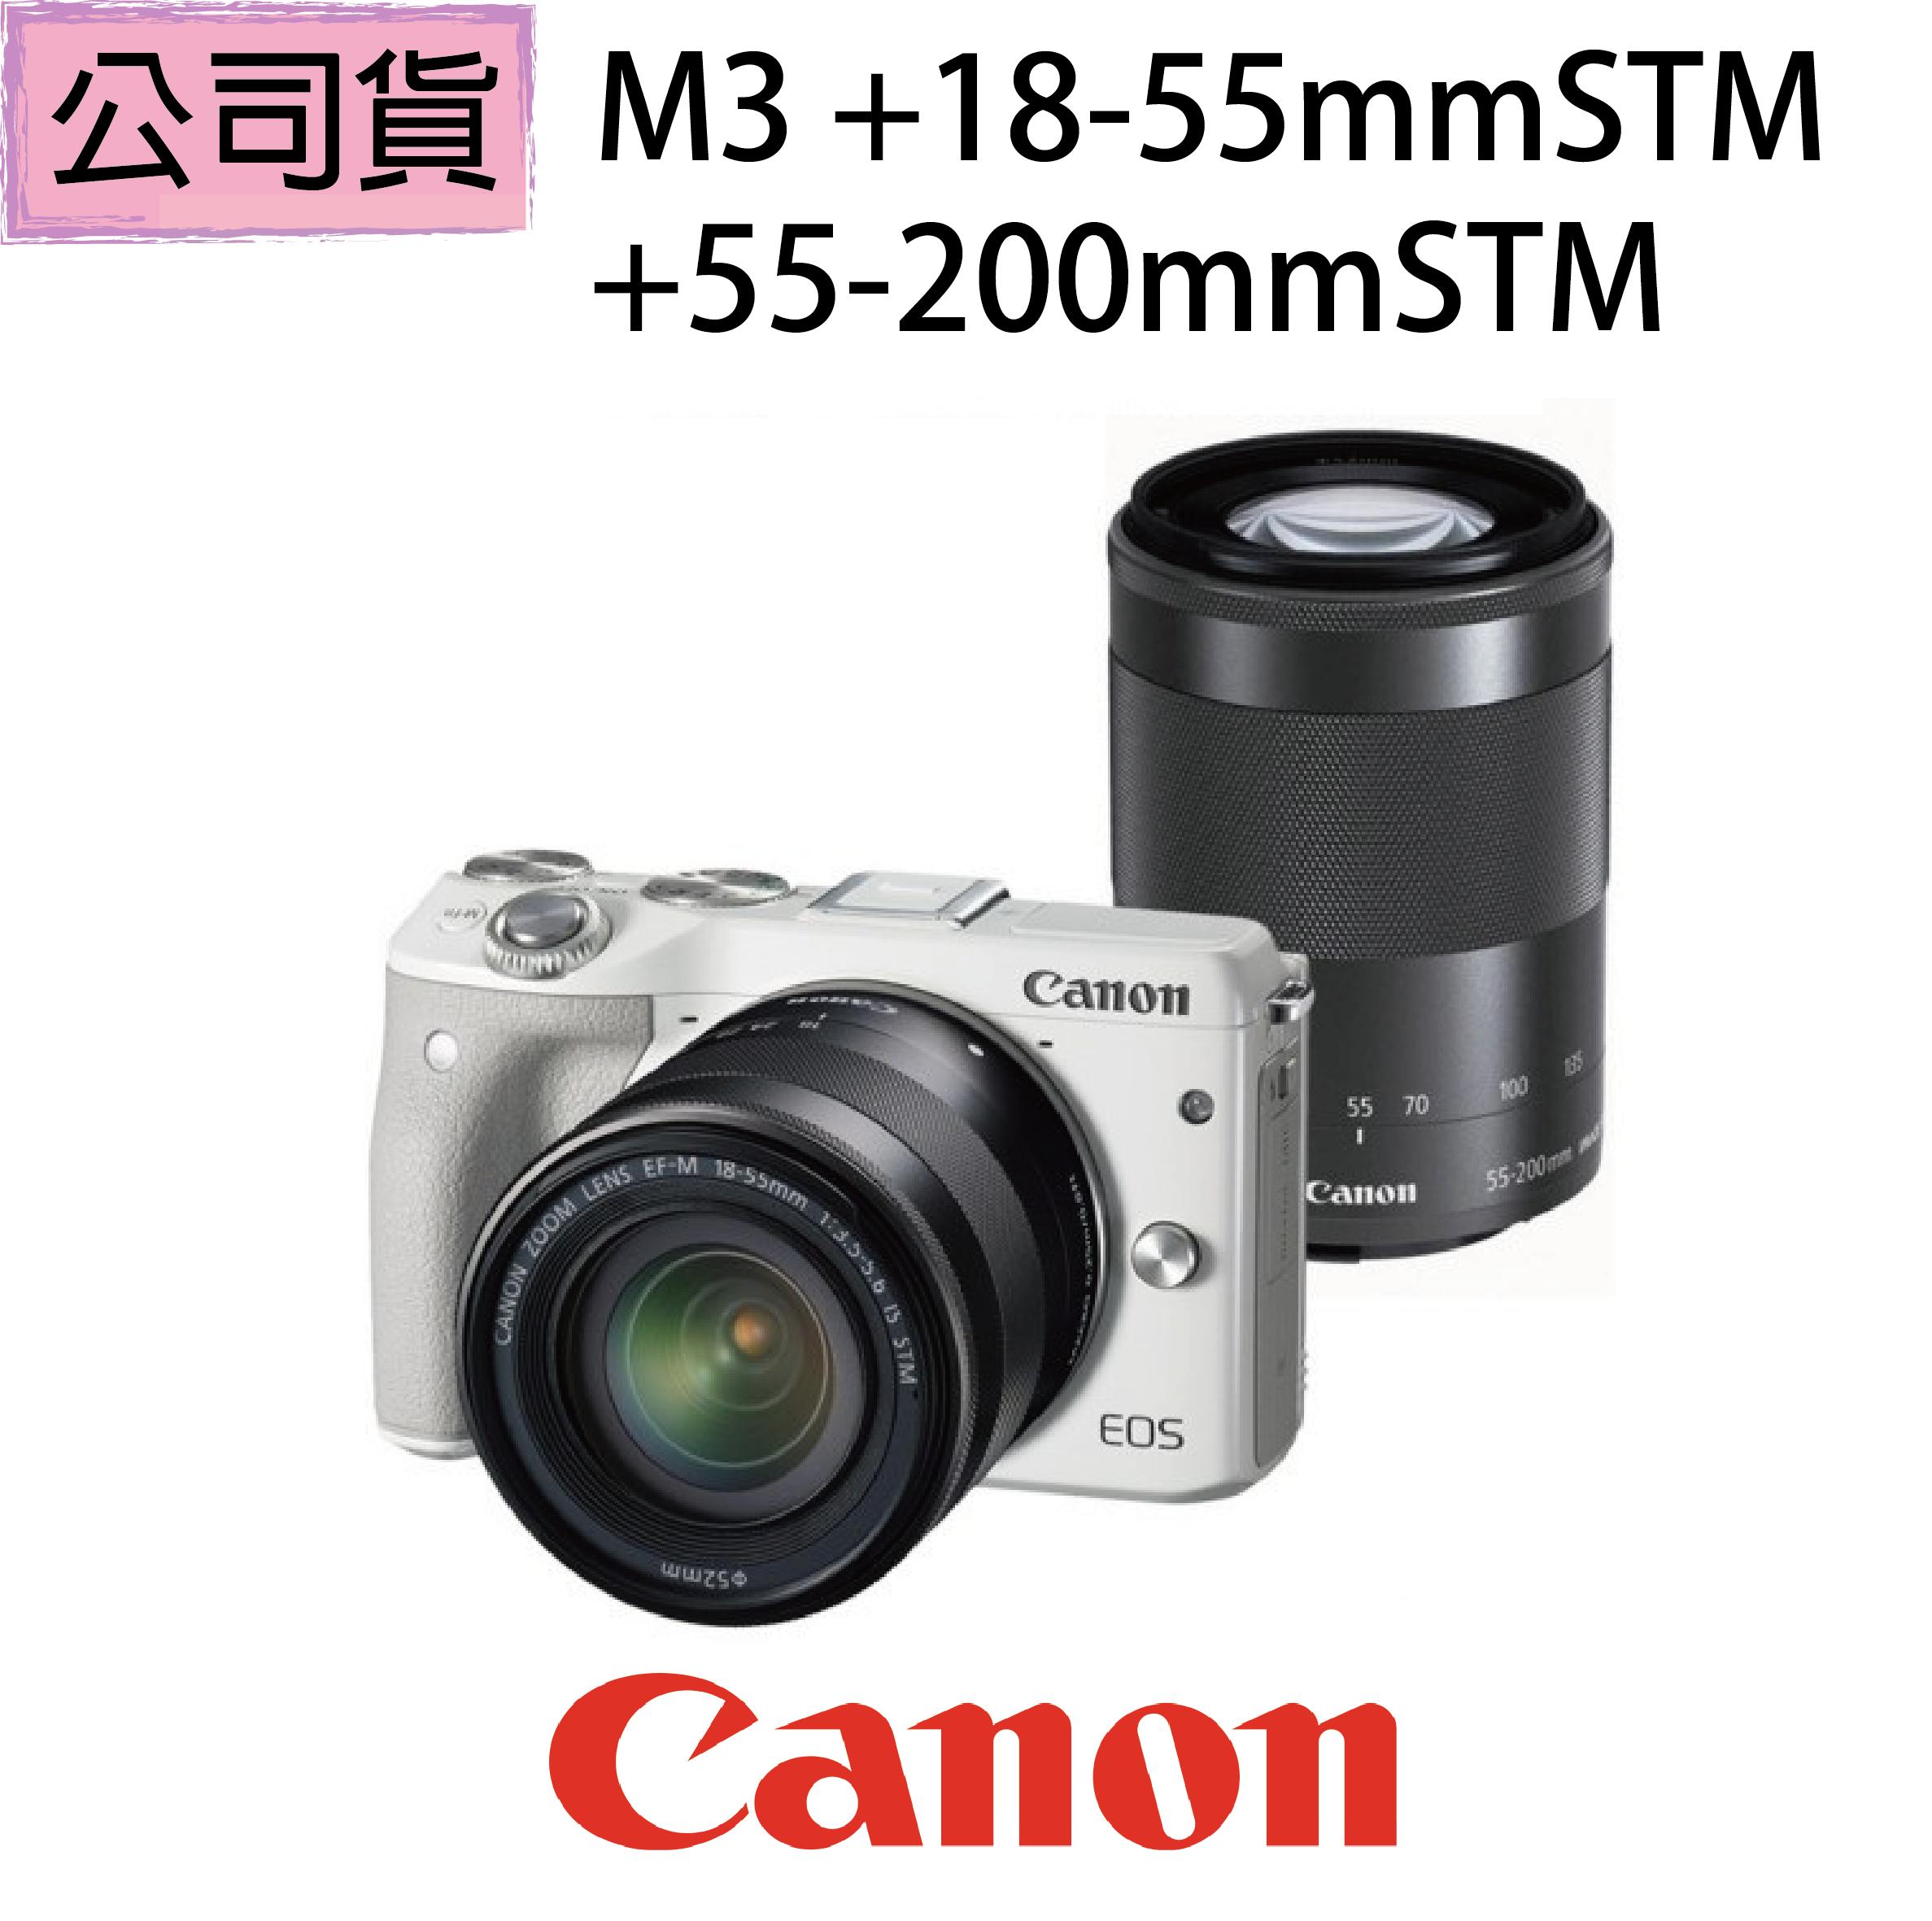 贈【SanDisk 64G全配】【Canon】EOS M3+18-55mmSTM+55-200mmSTM 雙鏡組(公司貨)▼11/30前申請通過送原廠包+Rilakkuma拉拉熊玩偶+1000禮券